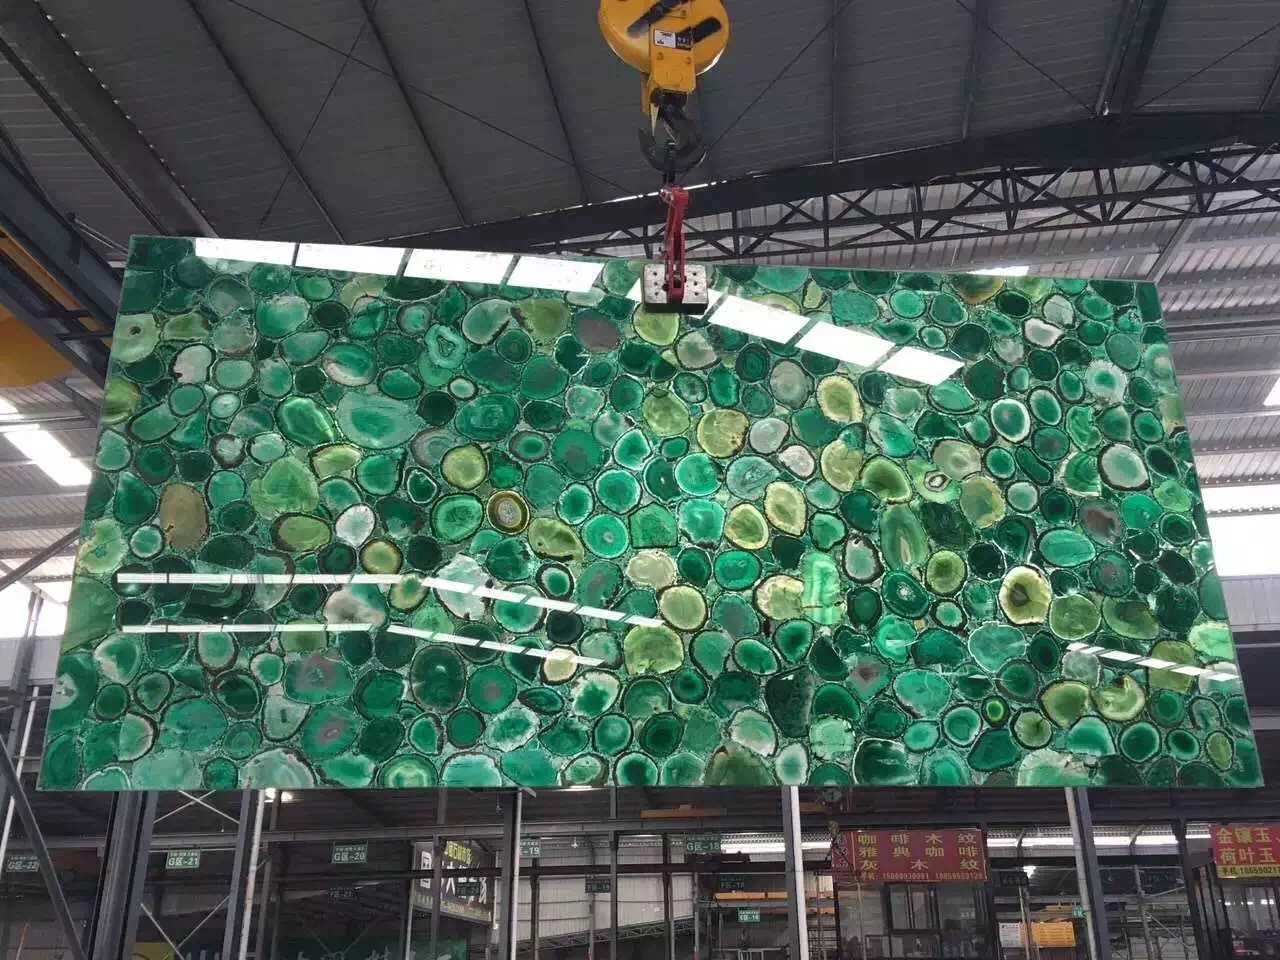 Green Jade semi precious